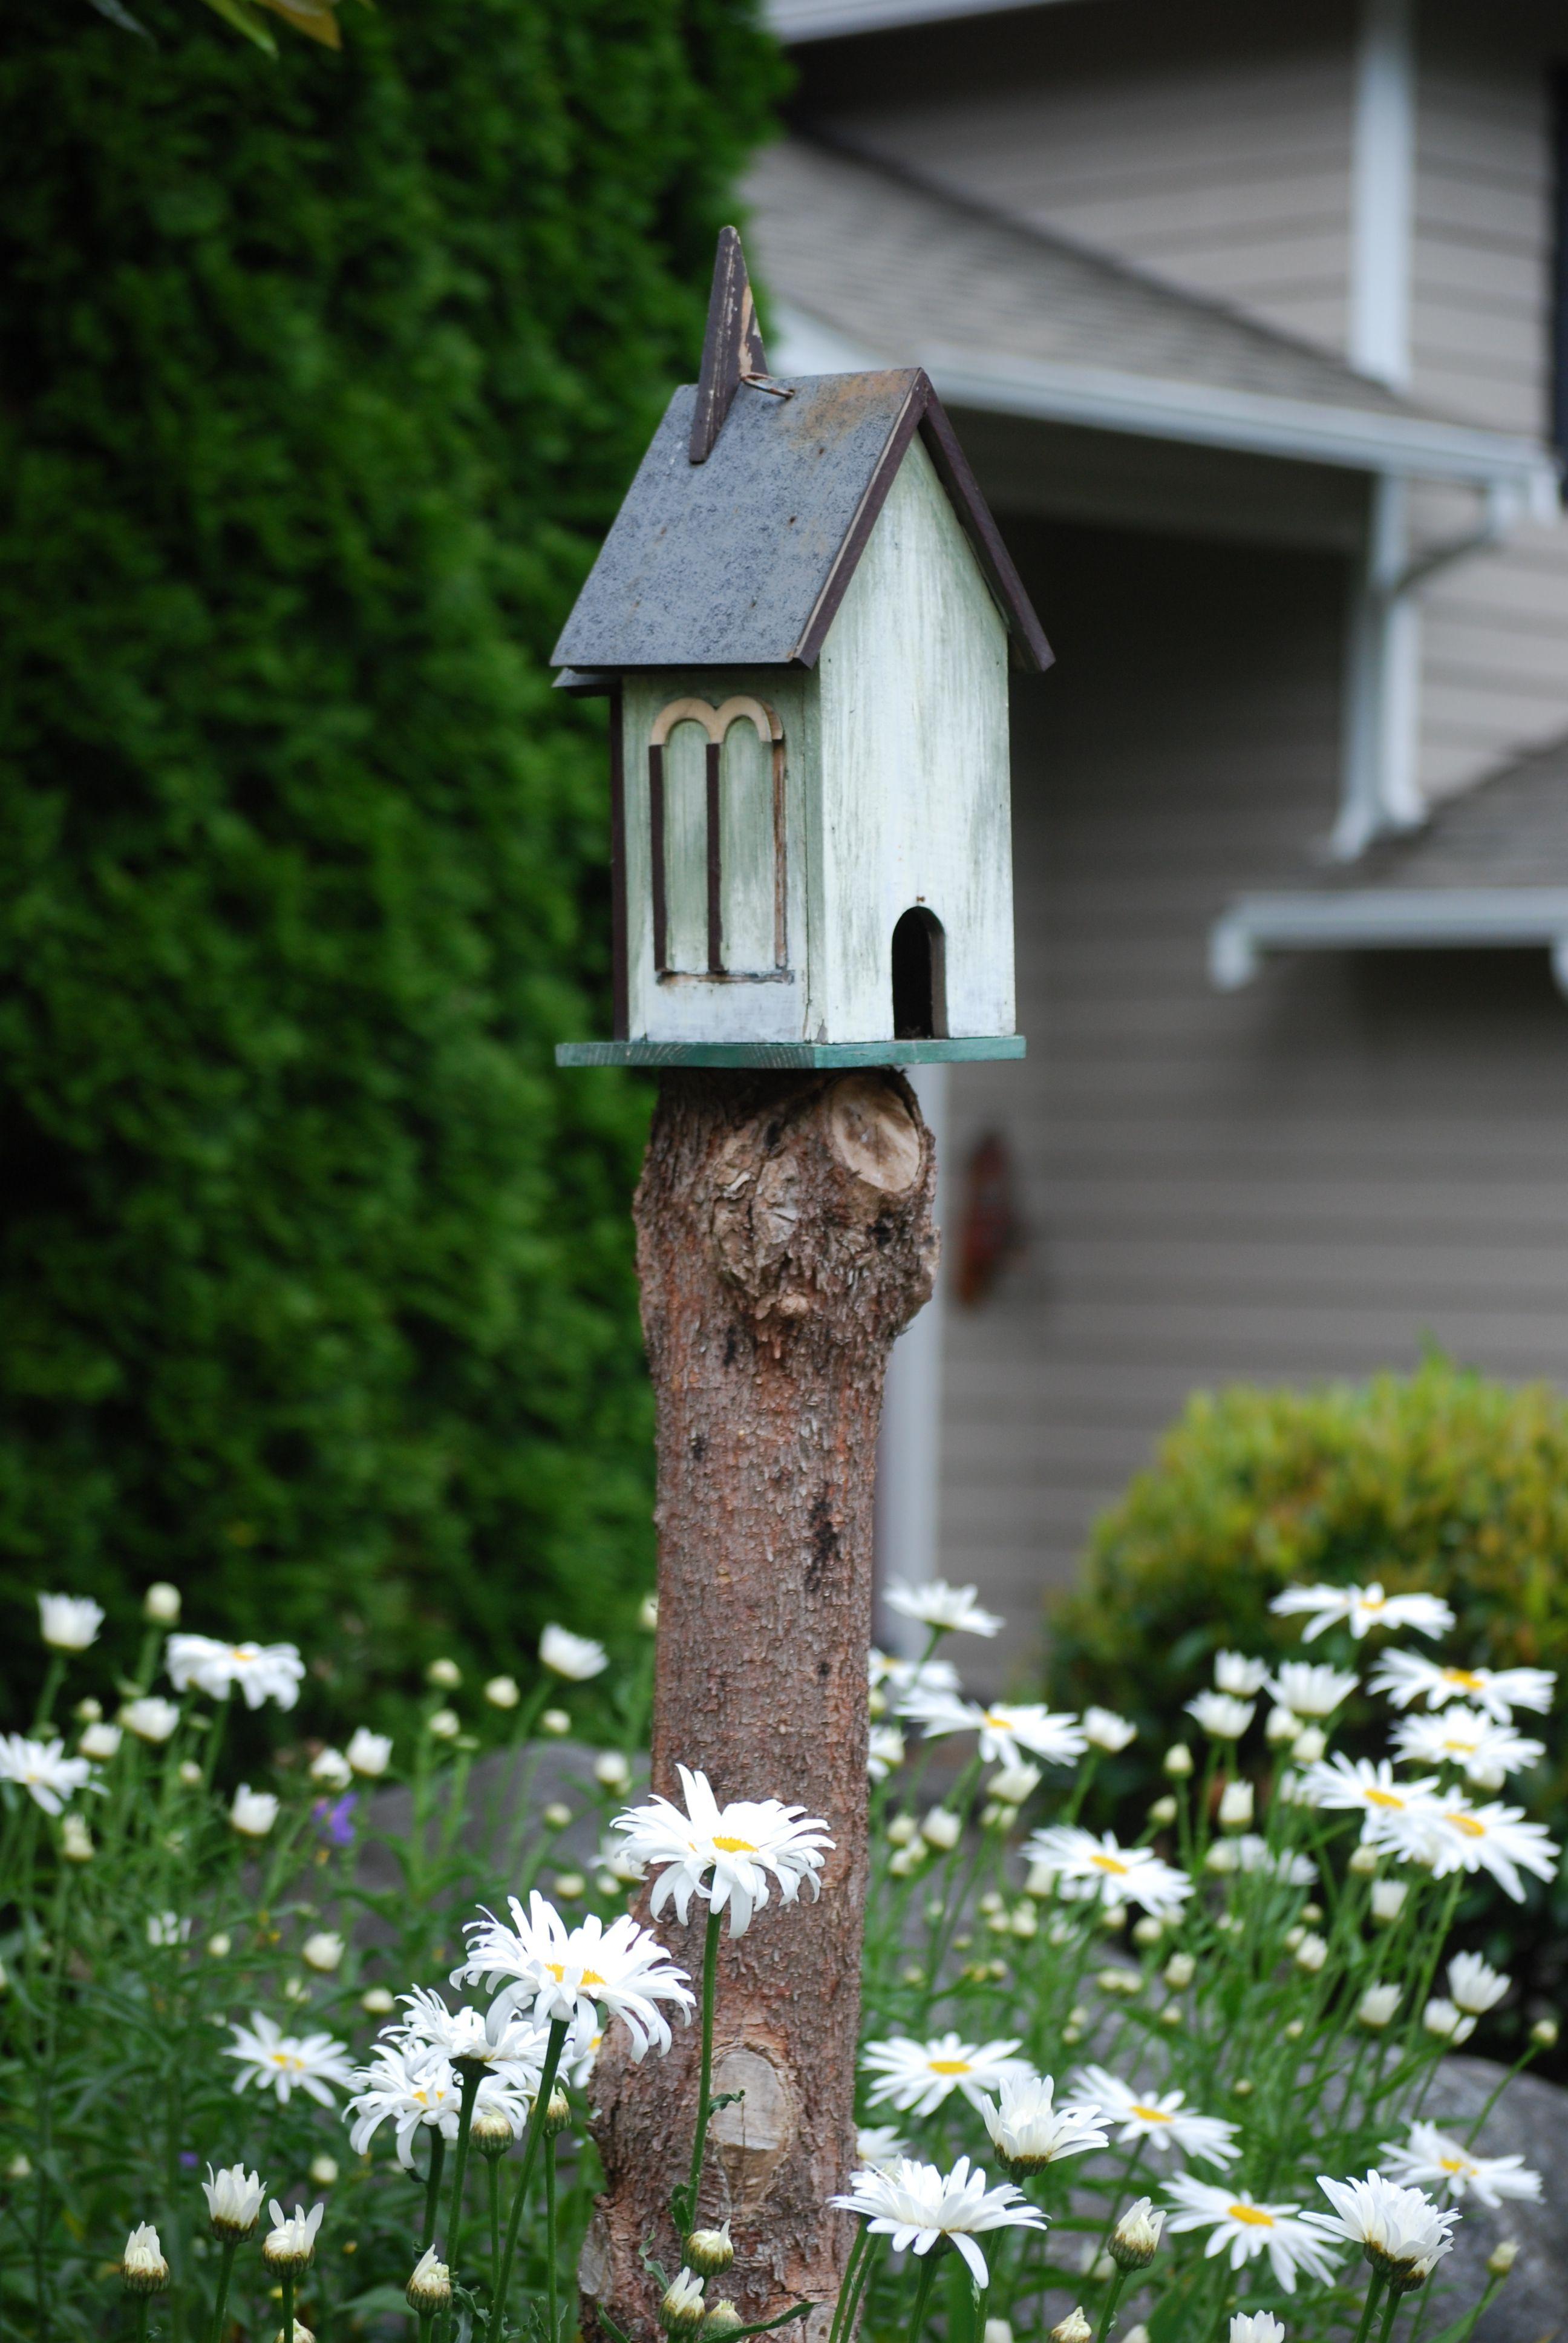 House garden trees  bird house on tree stump  Gardening  Pinterest  Tree stump Bird